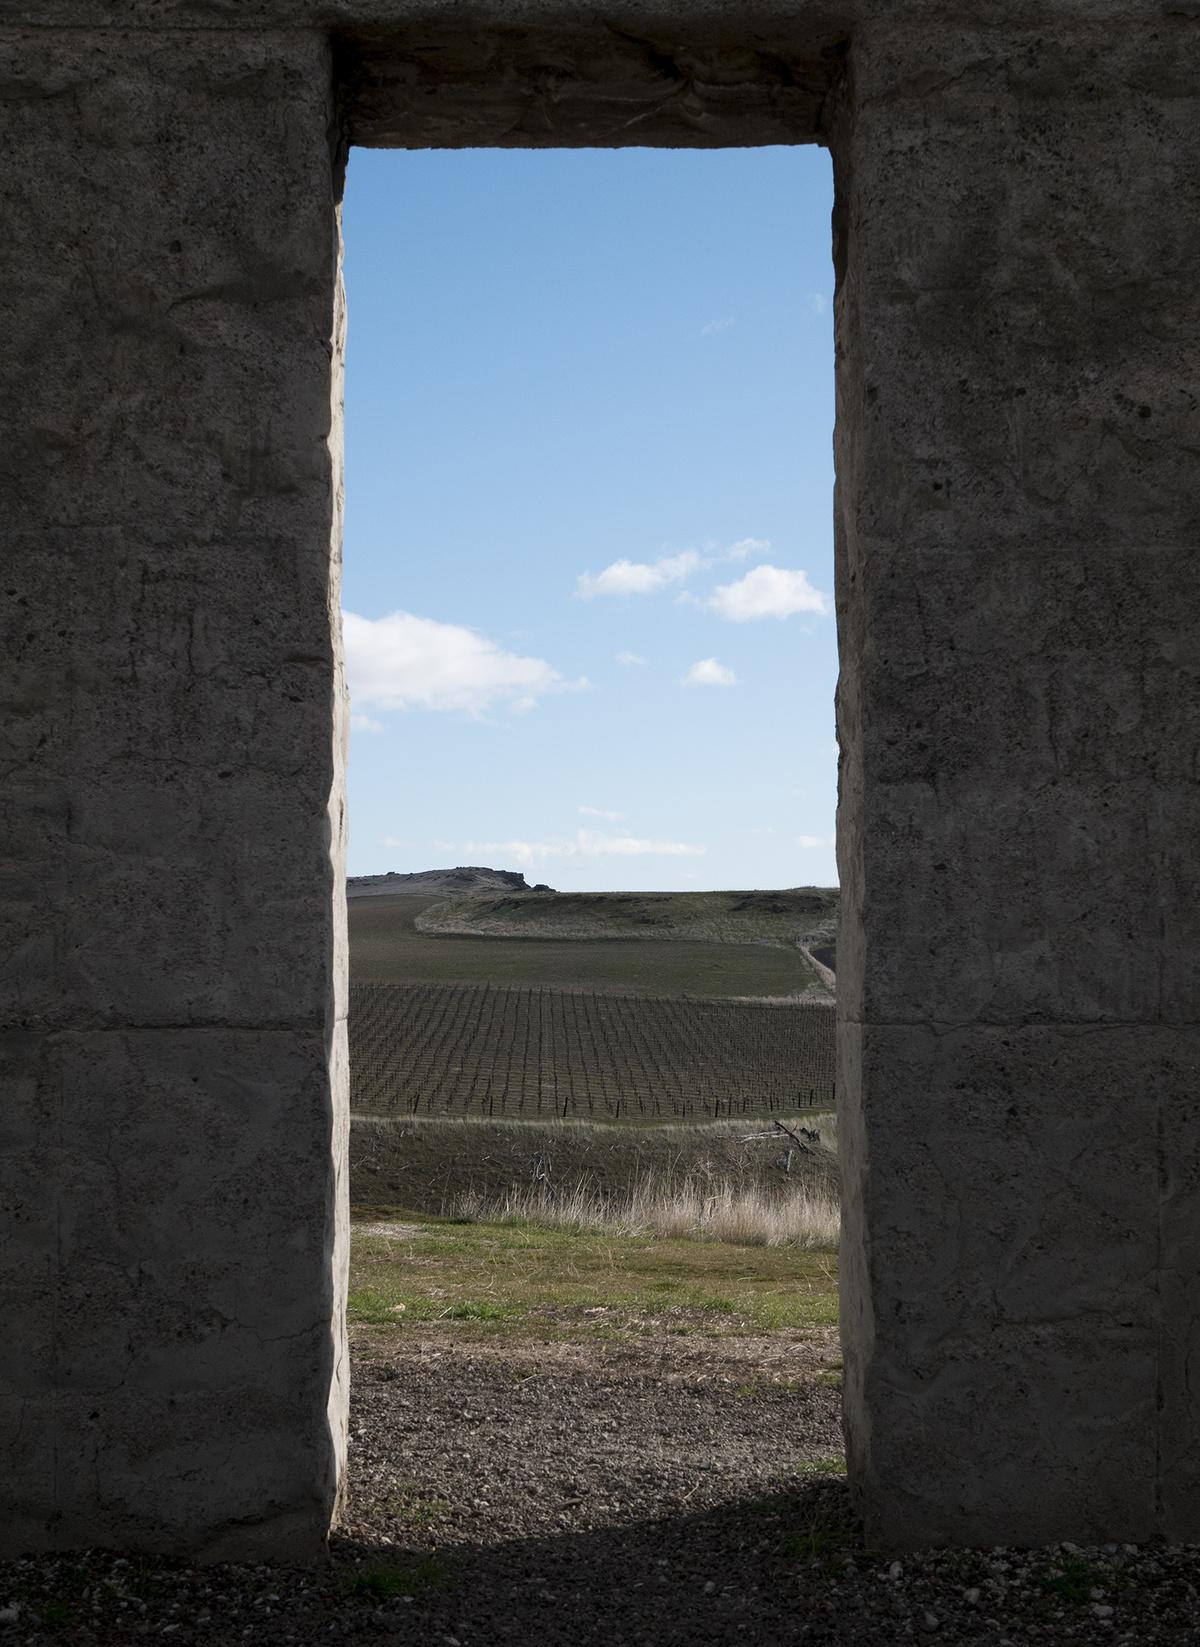 doorway to blue skies